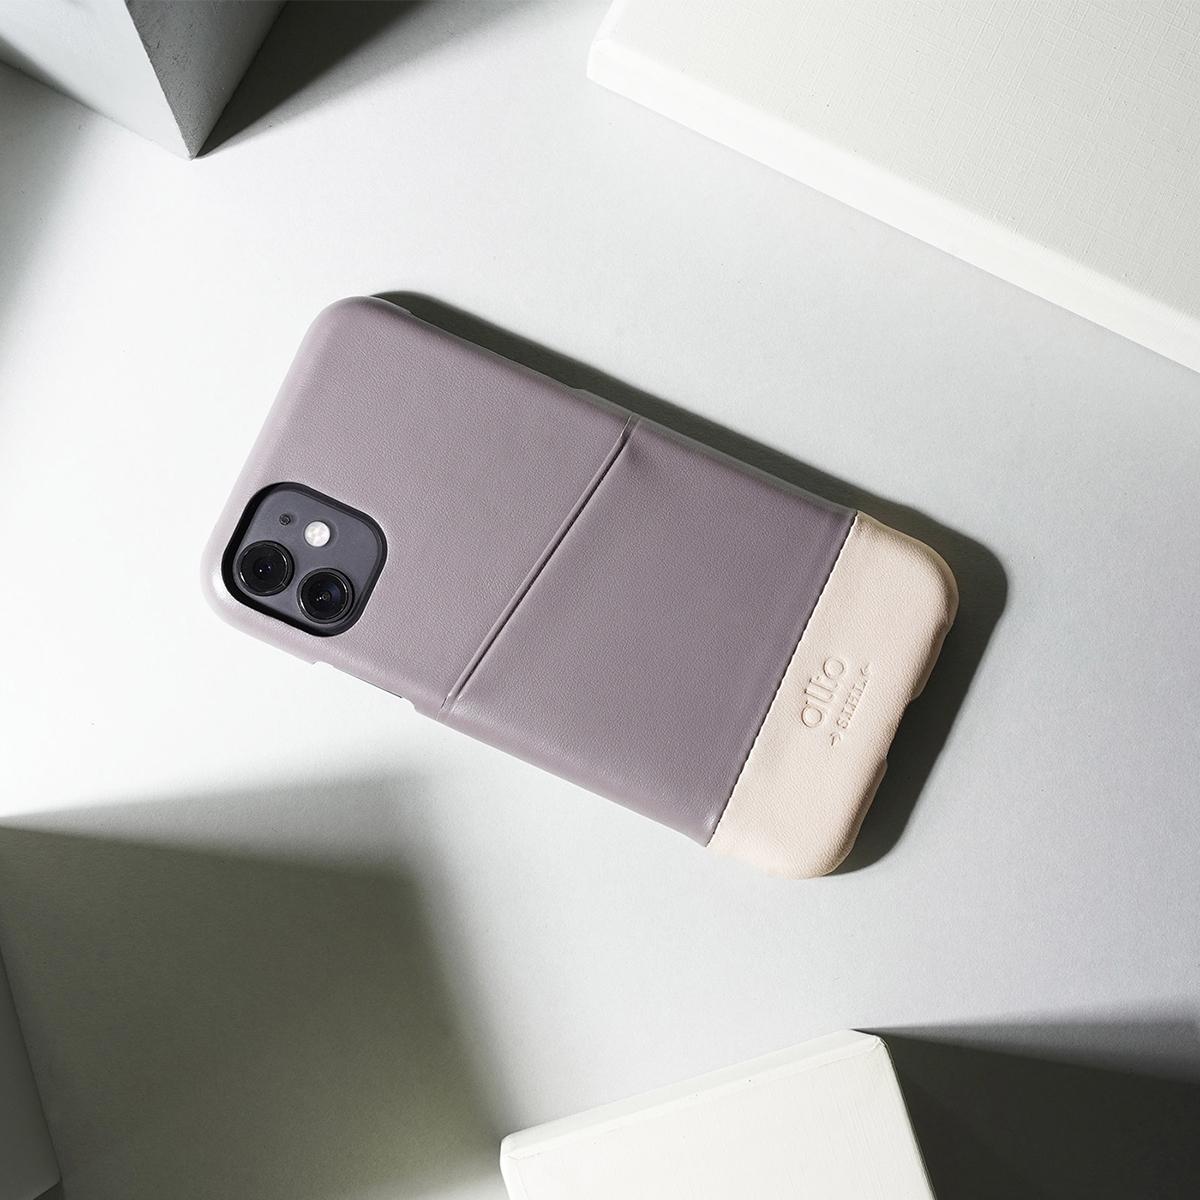 フルグレインレザーを植物タンニンなめしを施しアニリンで仕上げた贅沢なiPhoneケース|Alto